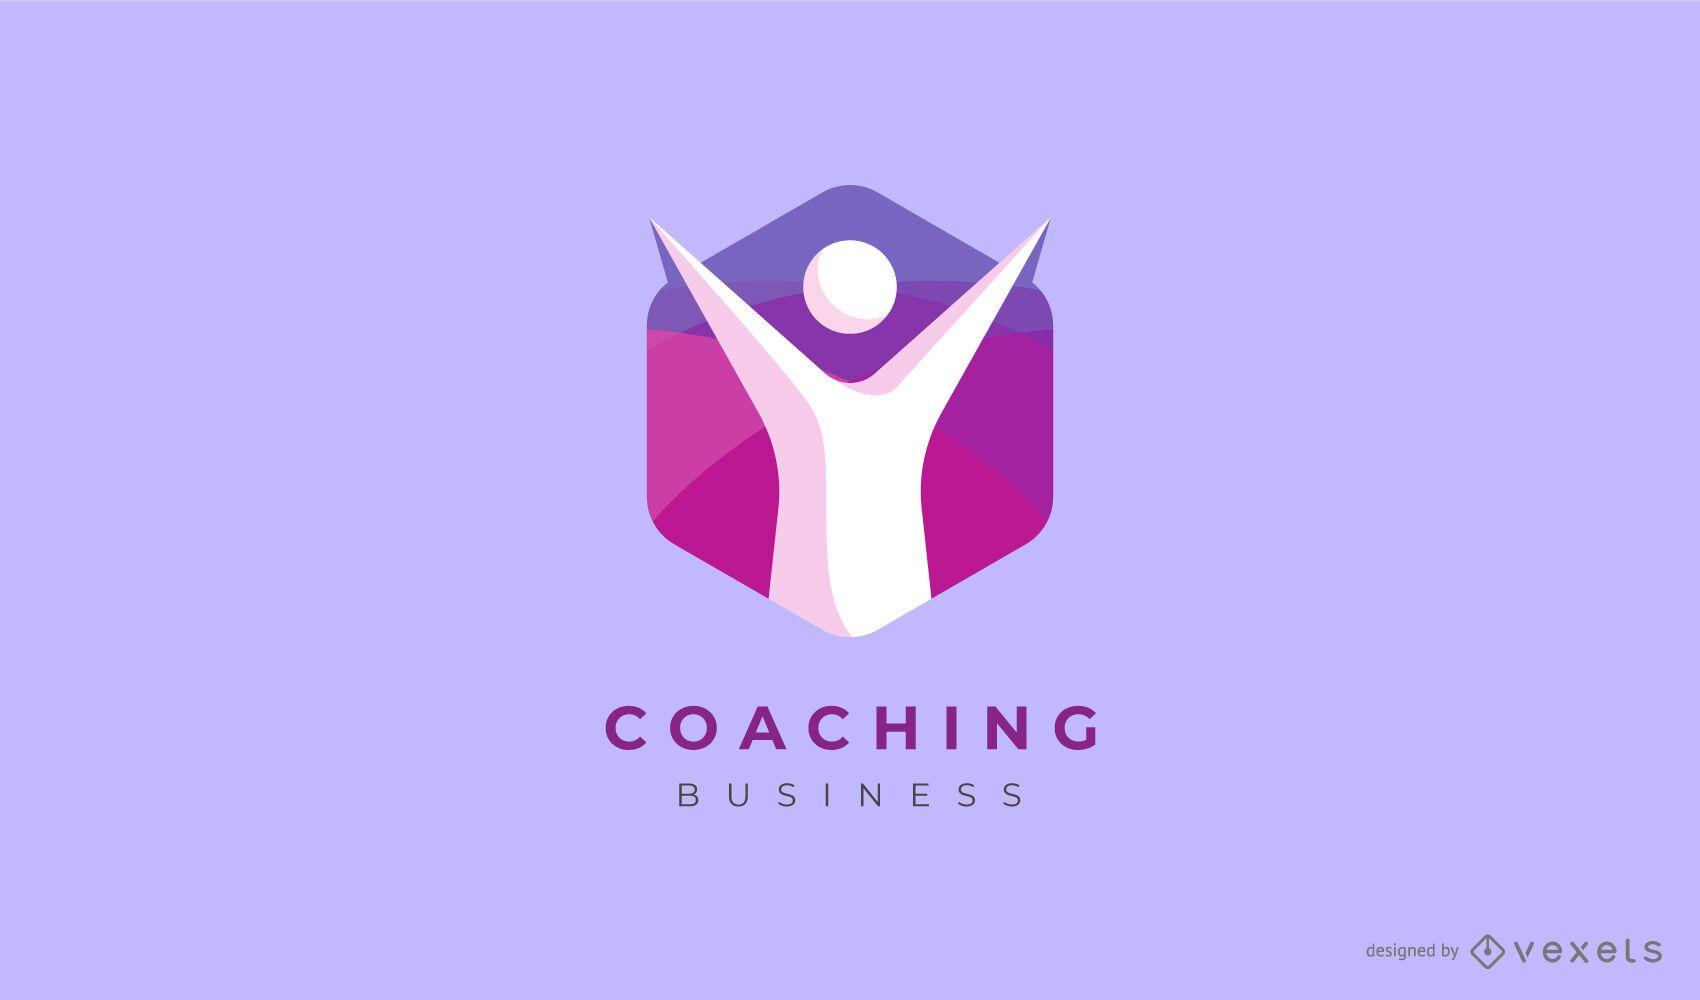 Coaching Business Logo Design